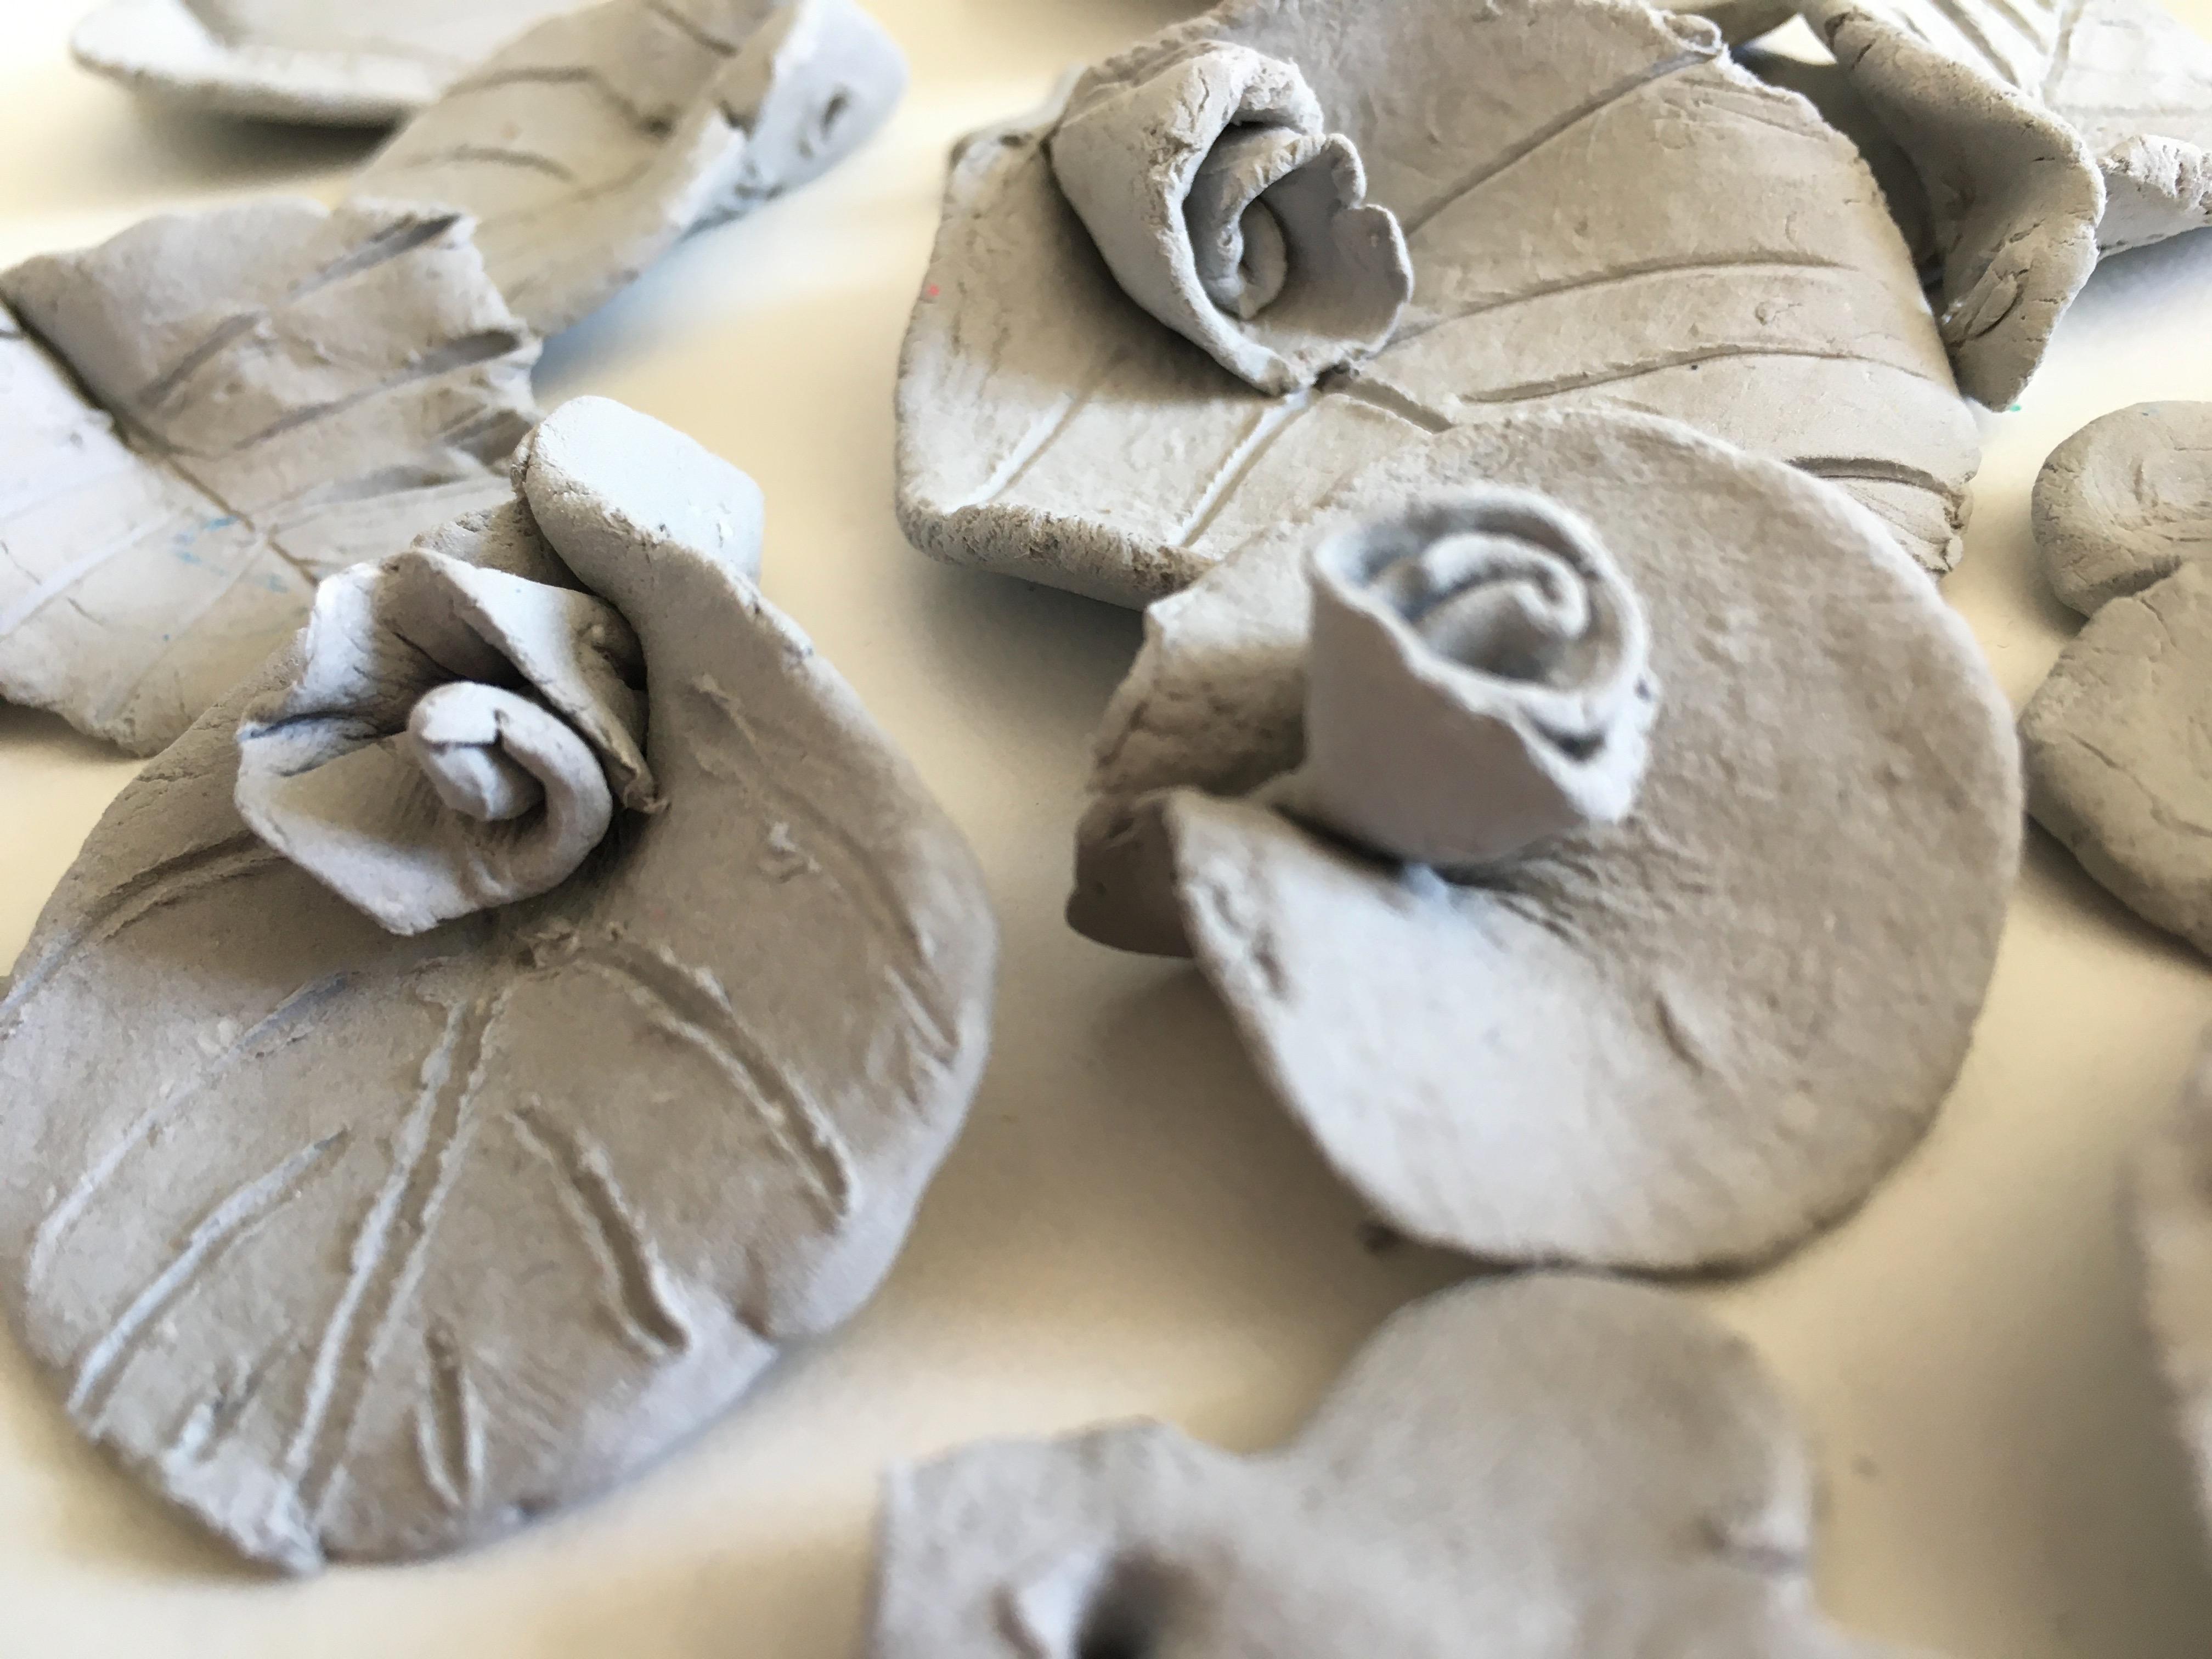 Loisirs créatifs, activités manuelles pour enfants, cadeaux, fête des amis, paquet de bonbons, anniversaire